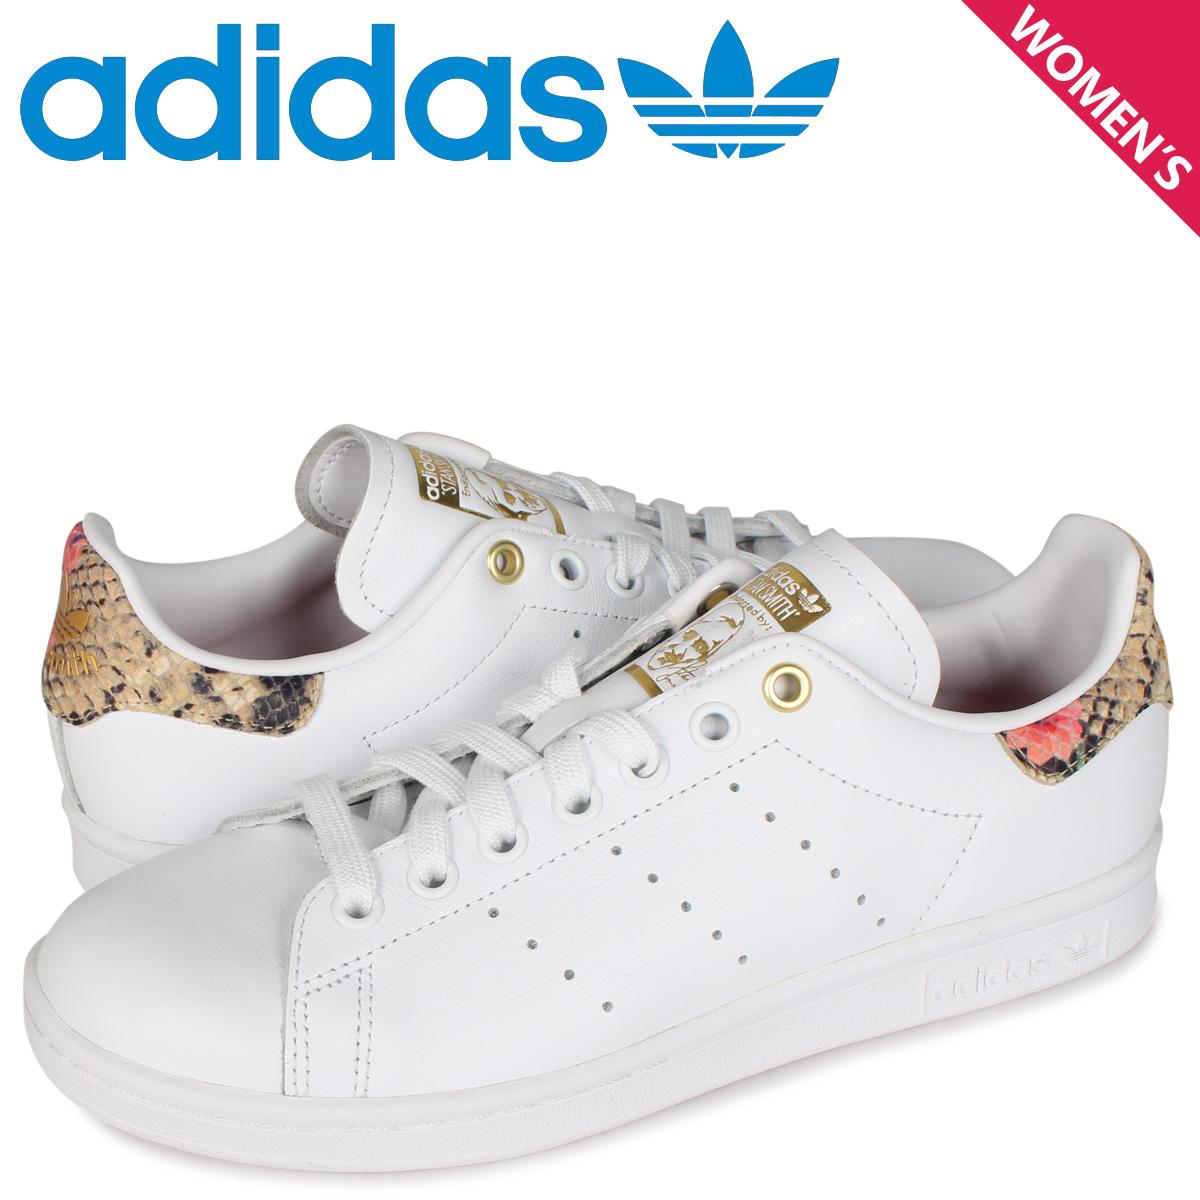 【お買い物マラソンSALE】 アディダス オリジナルス adidas Originals スタンスミス スニーカー レディース STAN SMITH W ホワイト 白 FV3086